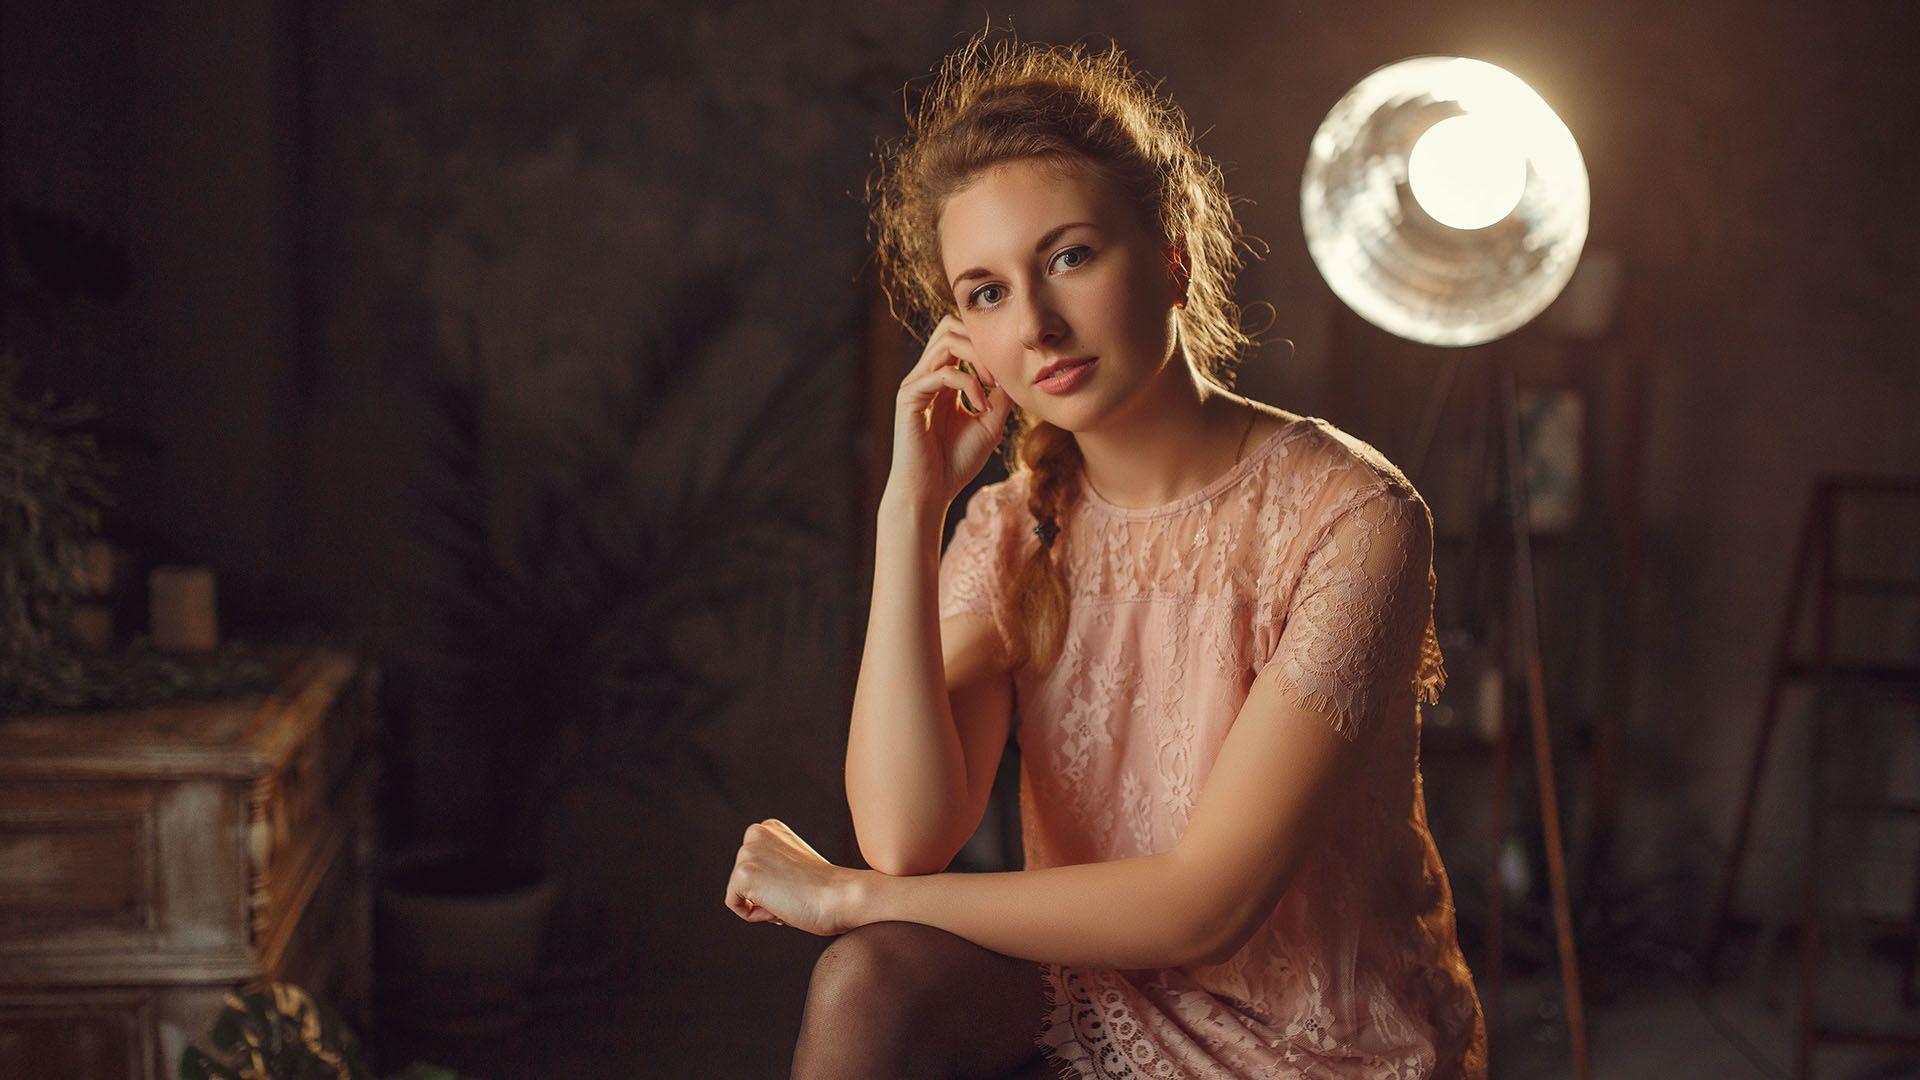 портрет, девушка, студия, свет, Конабевцев Егор